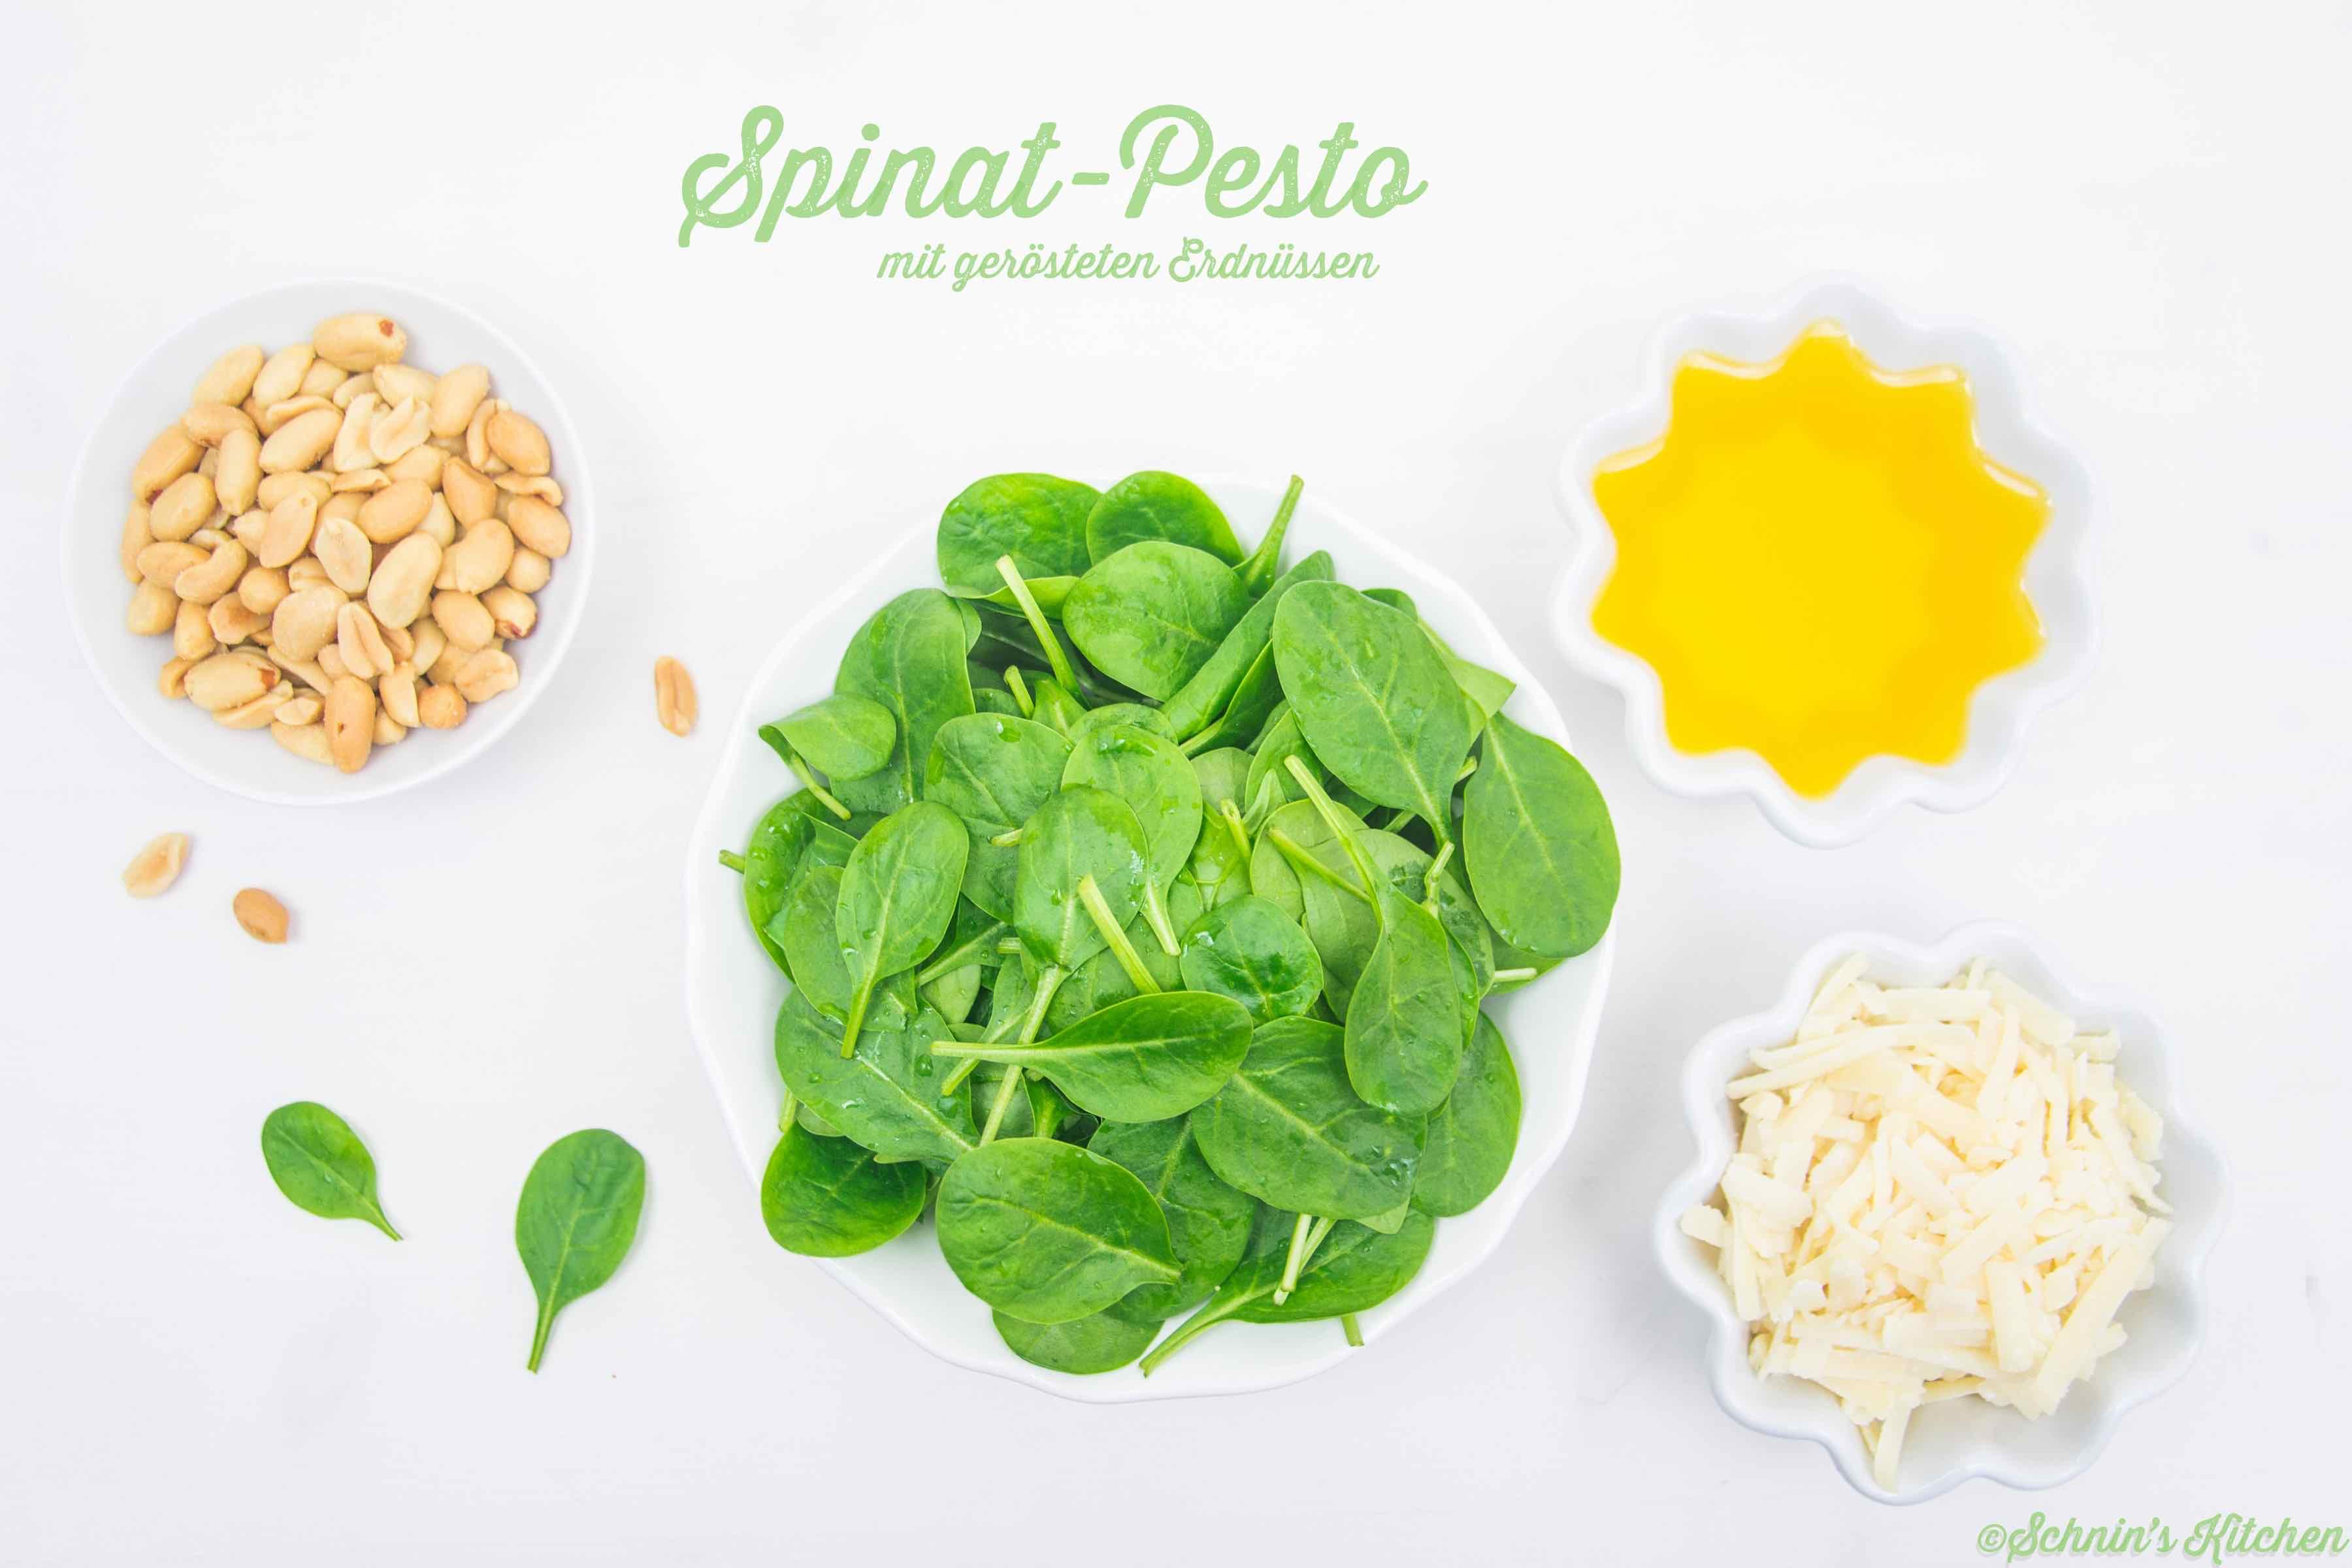 Schnin's Kitchen: Spinat-Pesto mit gerösteten Erdnüssen